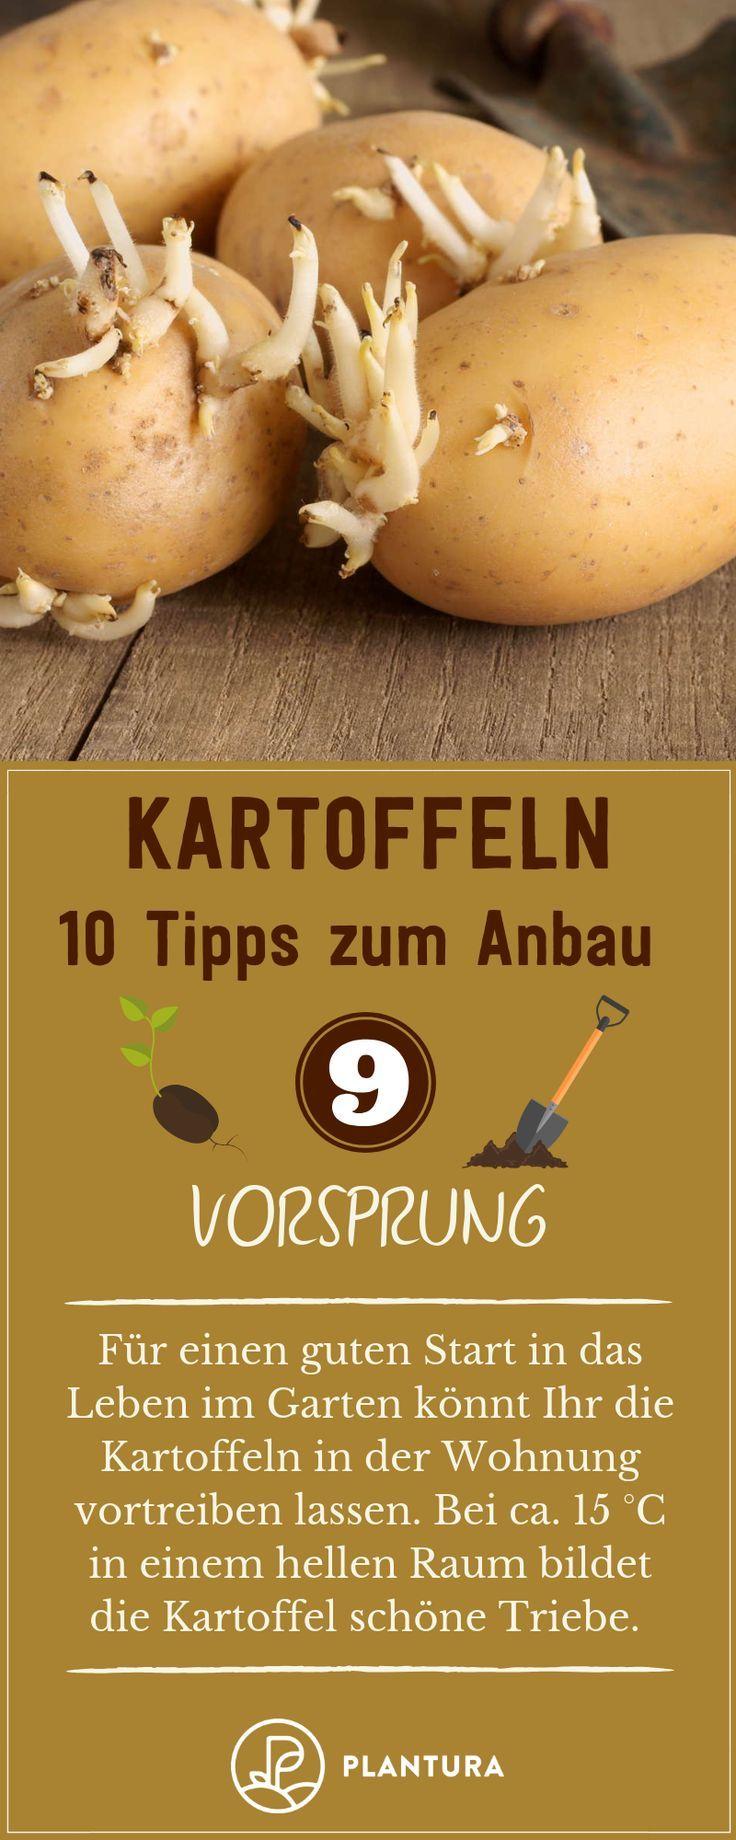 10 Tipps für den Kartoffelanbau im eigenen Garten